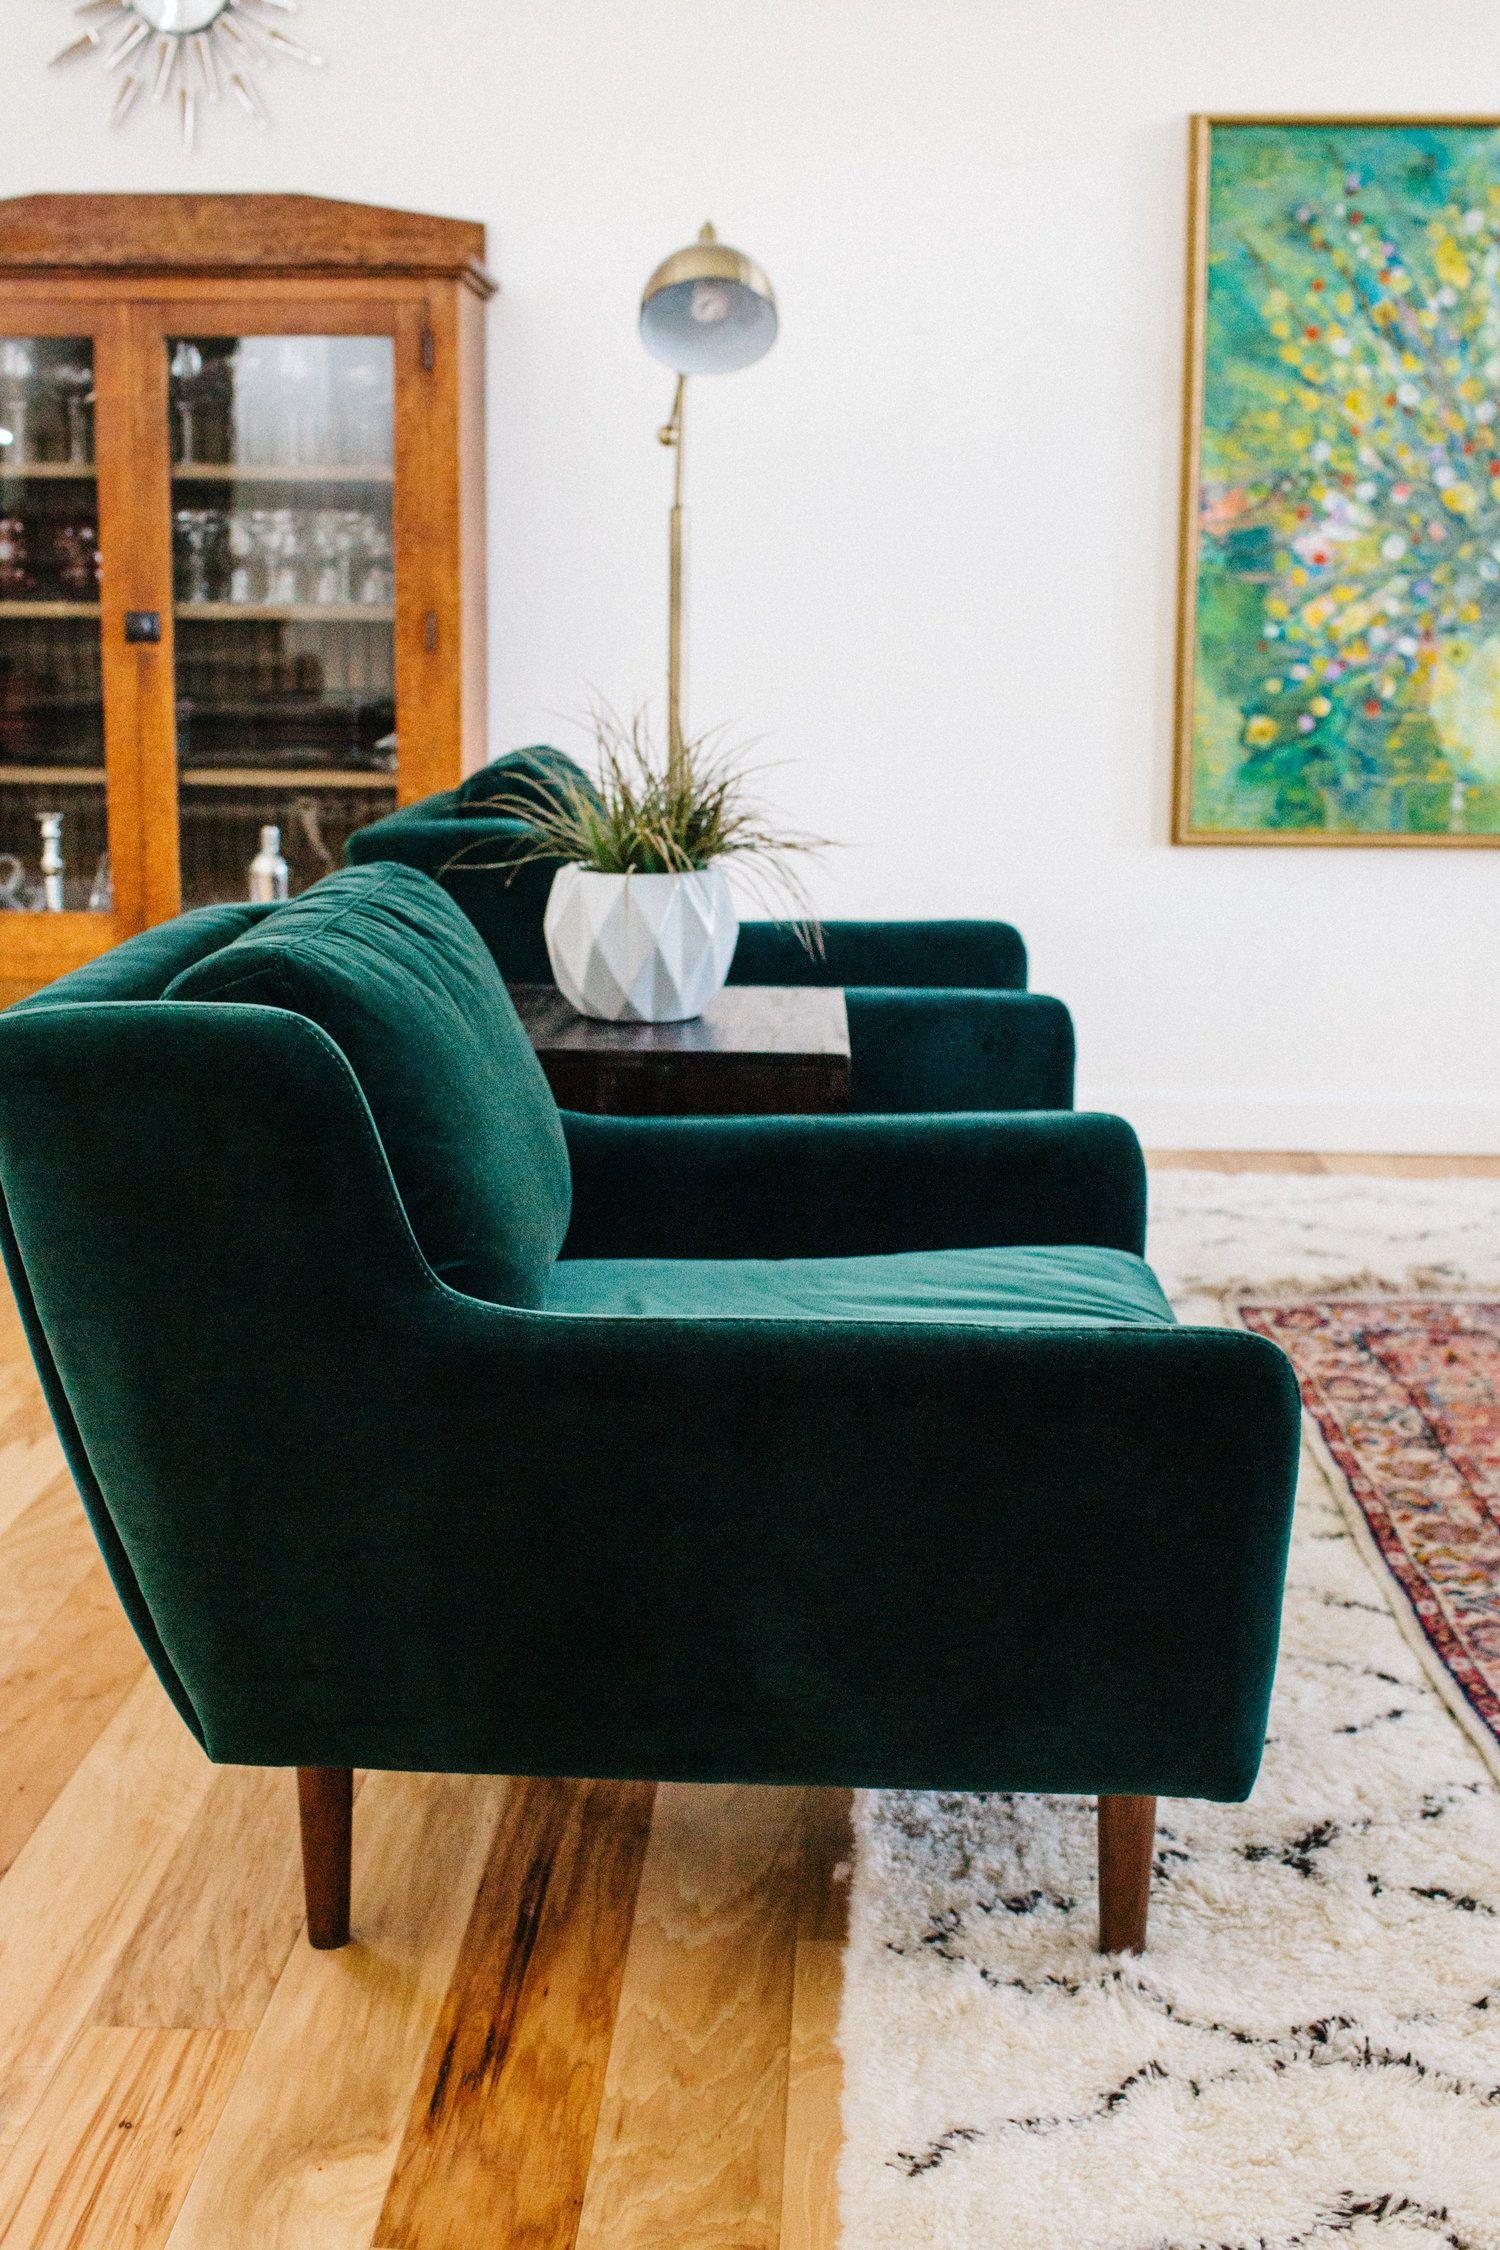 Green Velvet Ave Styles Home Decor Bedroom Living Room Green Living Decor